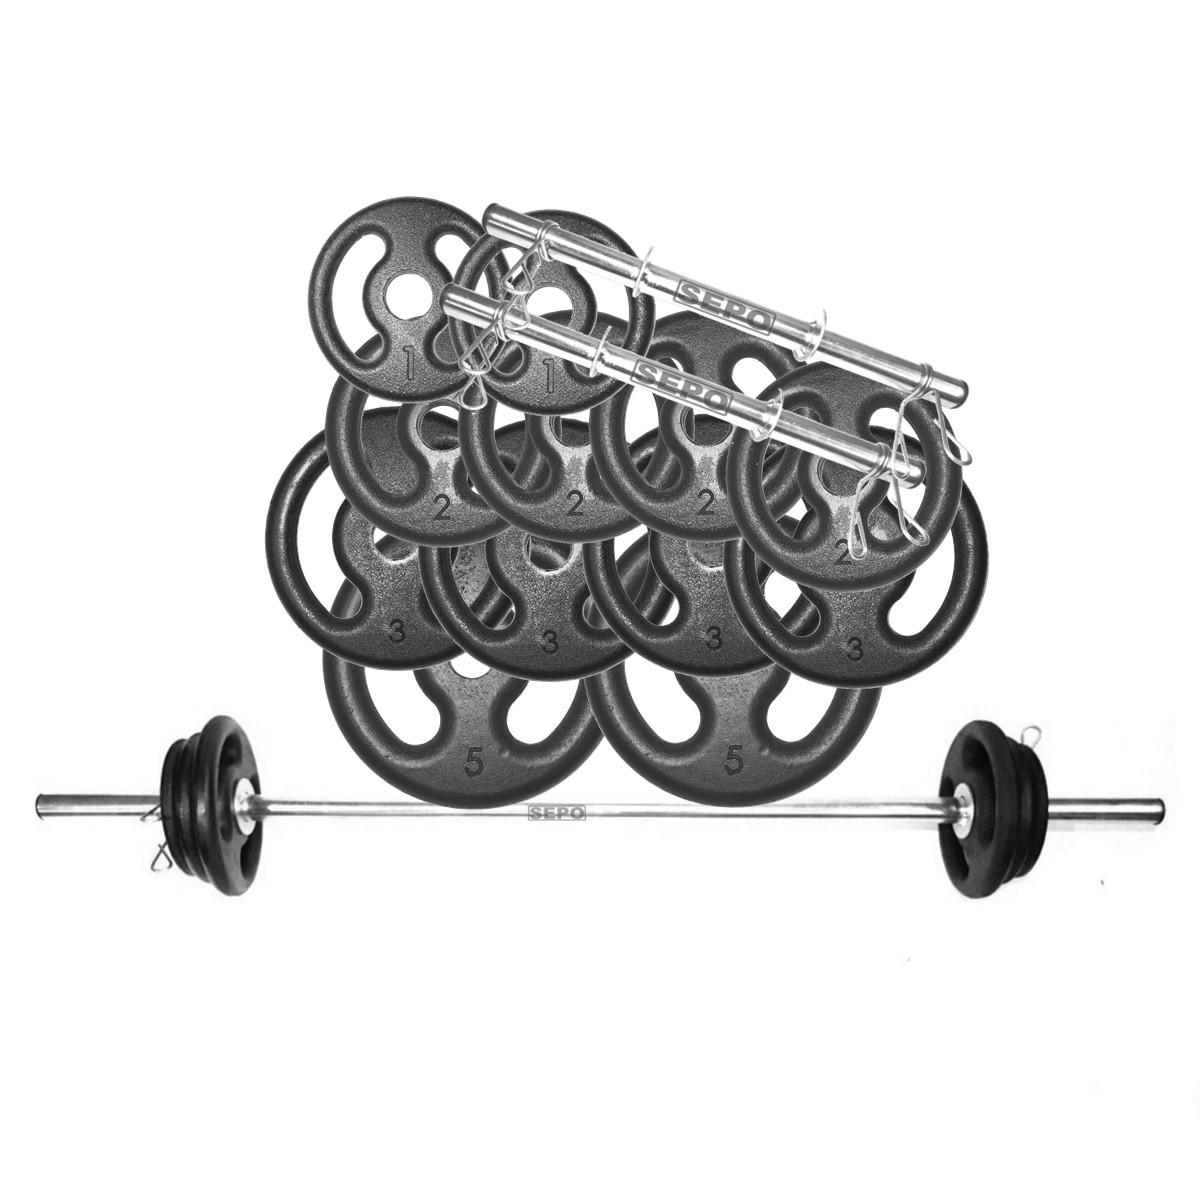 Kit Anilhas Musculação 32 Kg + Barras com Presilhas - Loja Portal